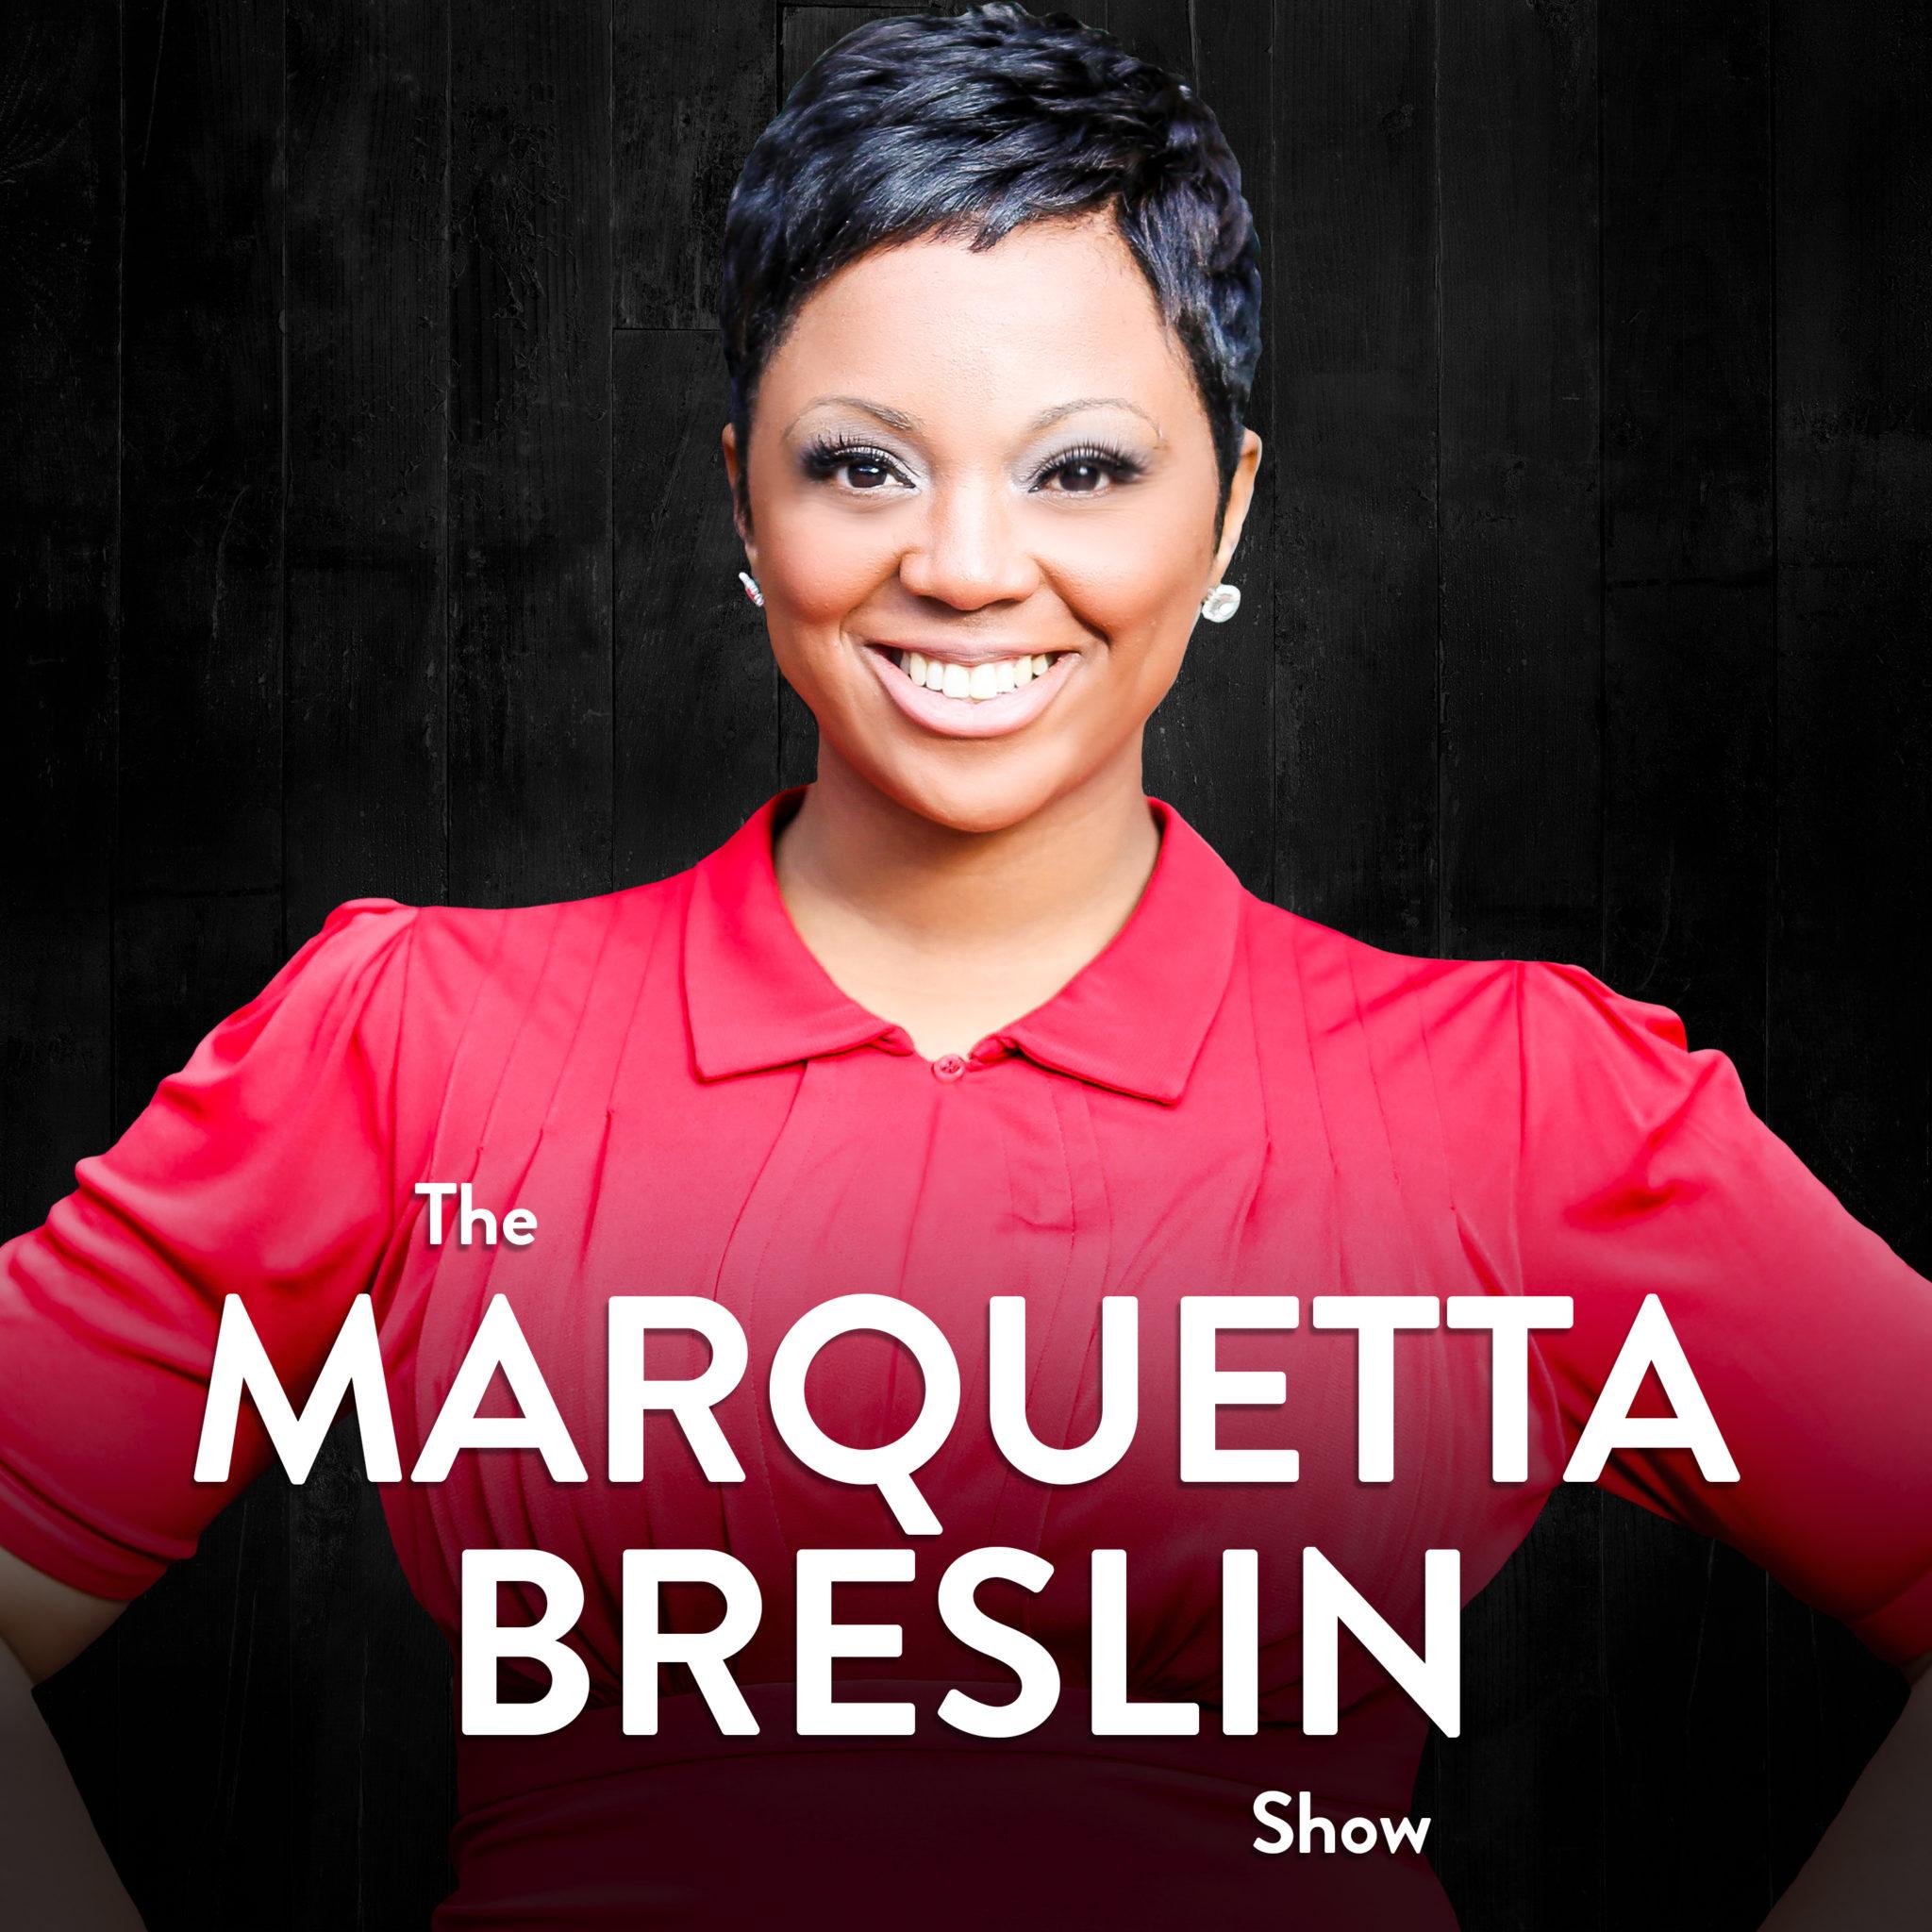 The Marquetta Breslin Show